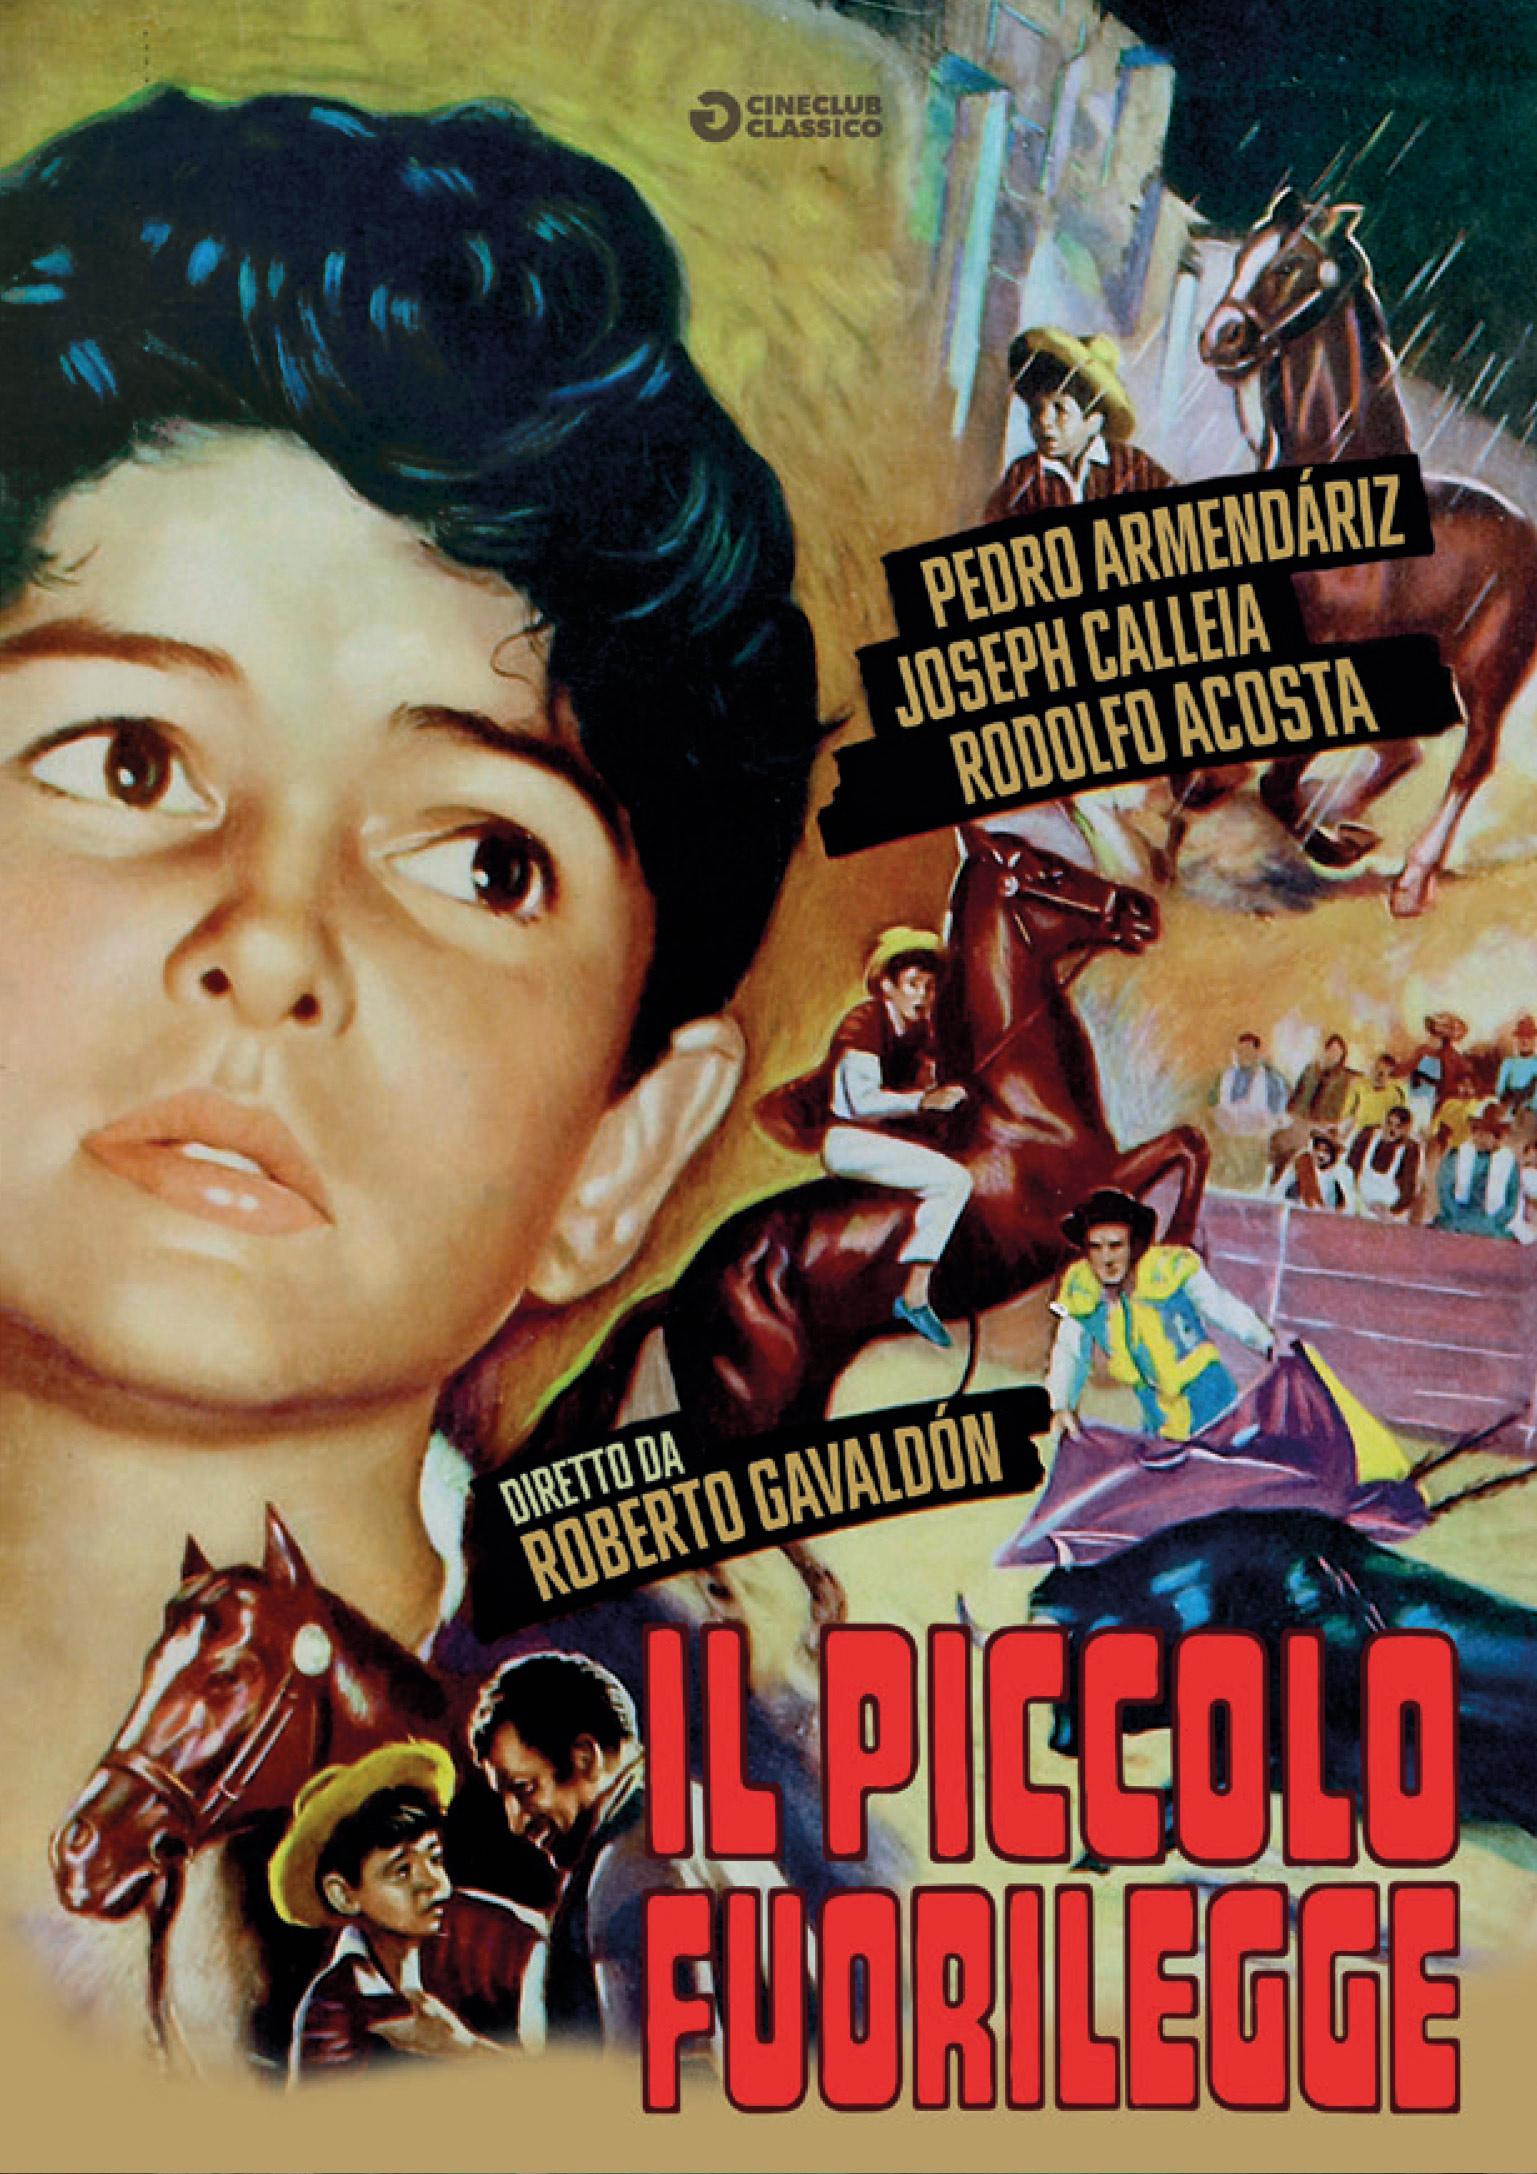 PICCOLO FUORILEGGE (DVD)